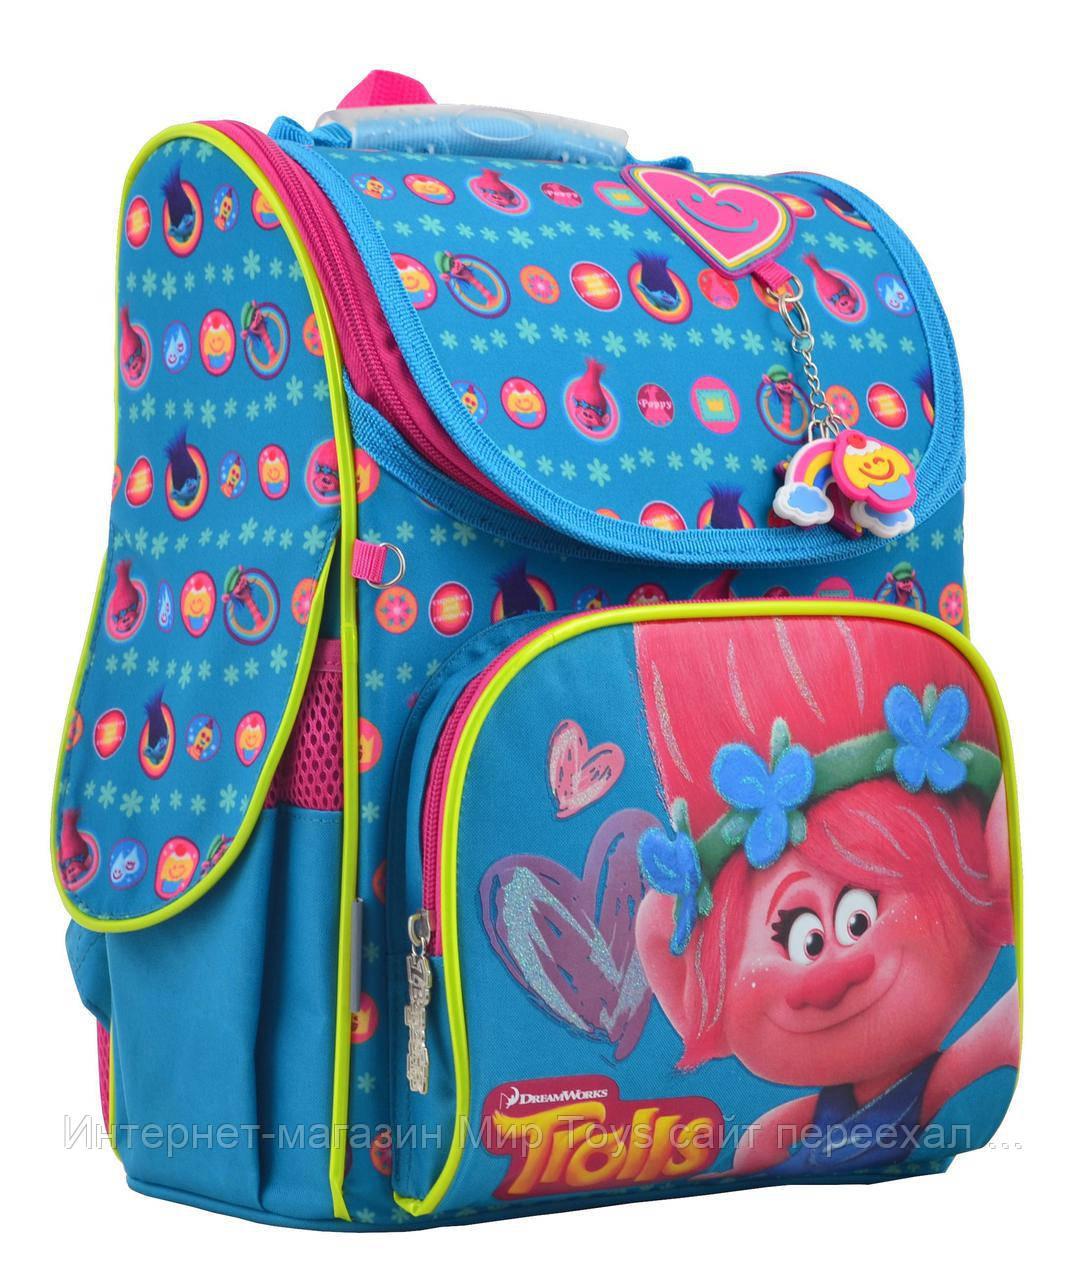 9b79da759512 Набор 1 Вересня а Trolls turquoise рюкзак 555162, пенал 531782, сумка  555556, цена 1 137,92 грн., купить в Киеве — Prom.ua (ID#736899111)